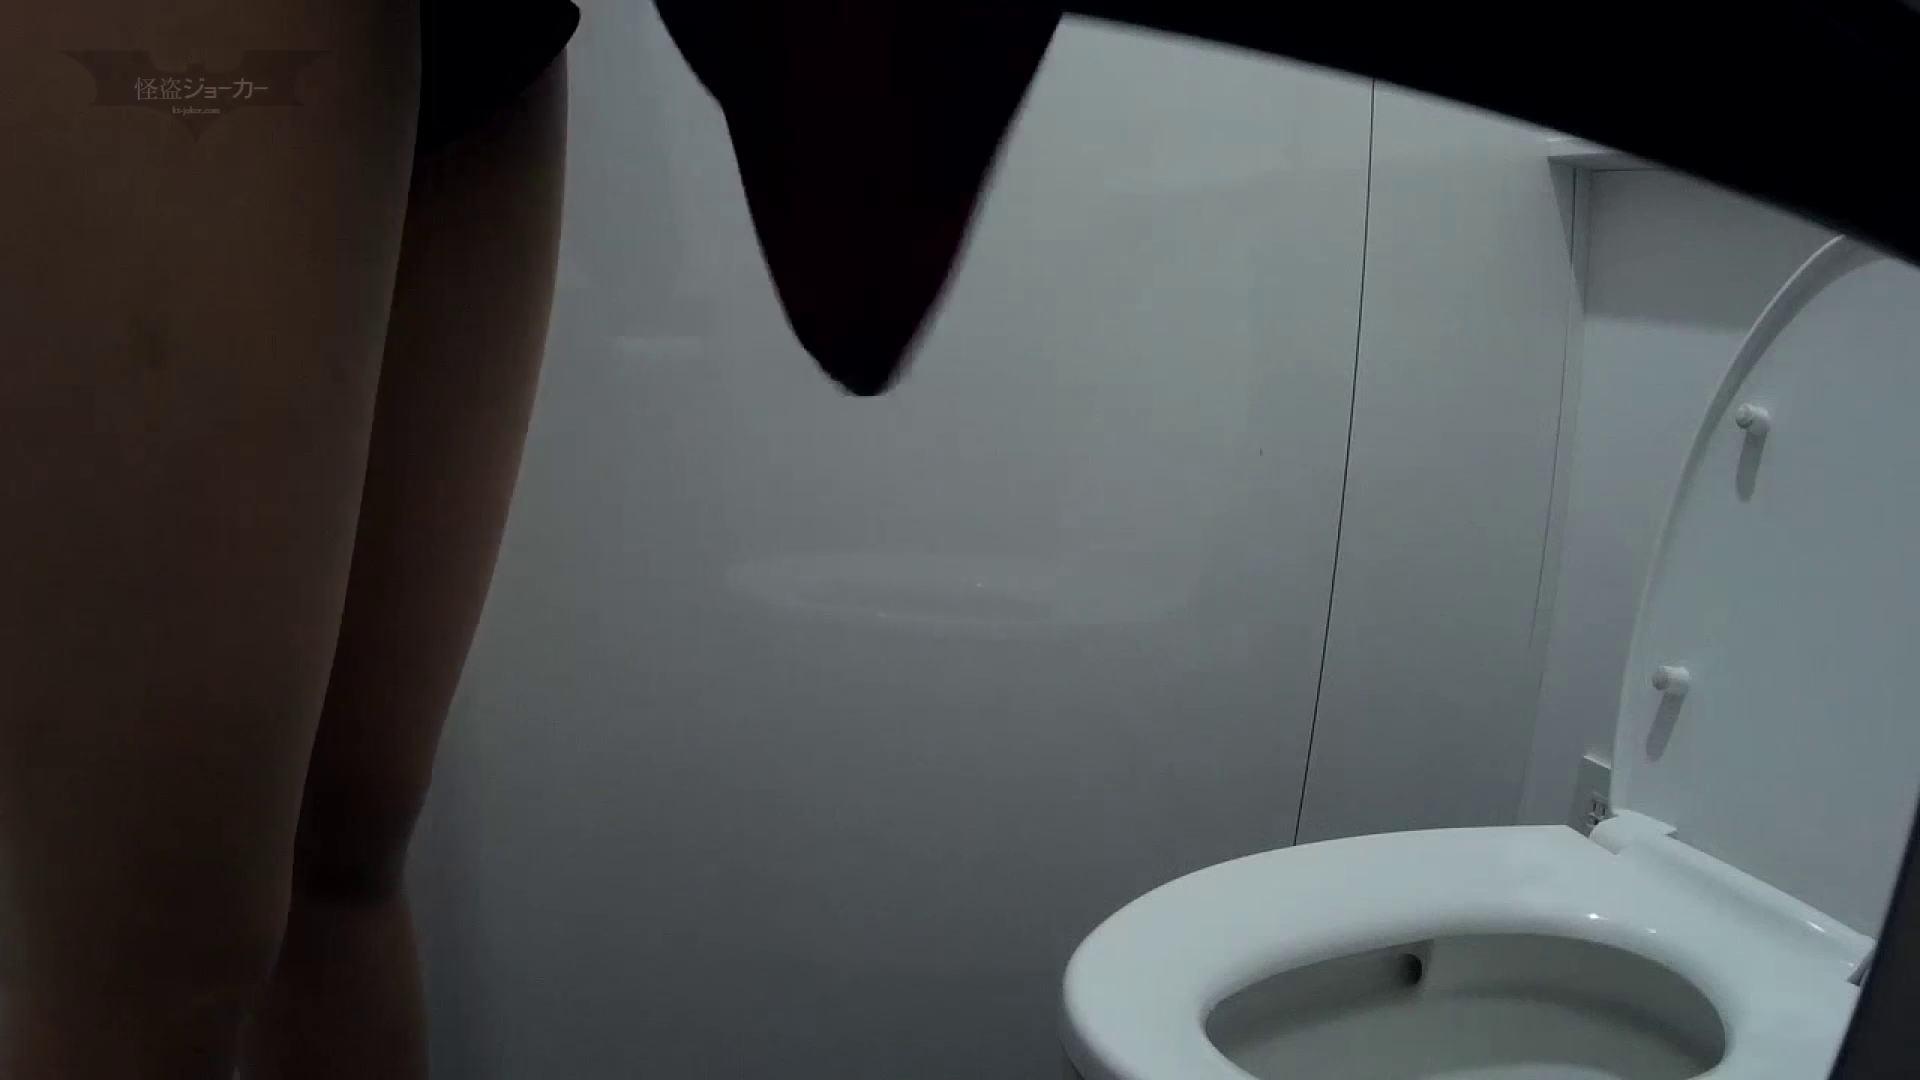 有名大学女性洗面所 vol.58 アンダーヘアーも冬支度? 高画質動画 | 丸見え  69画像 41